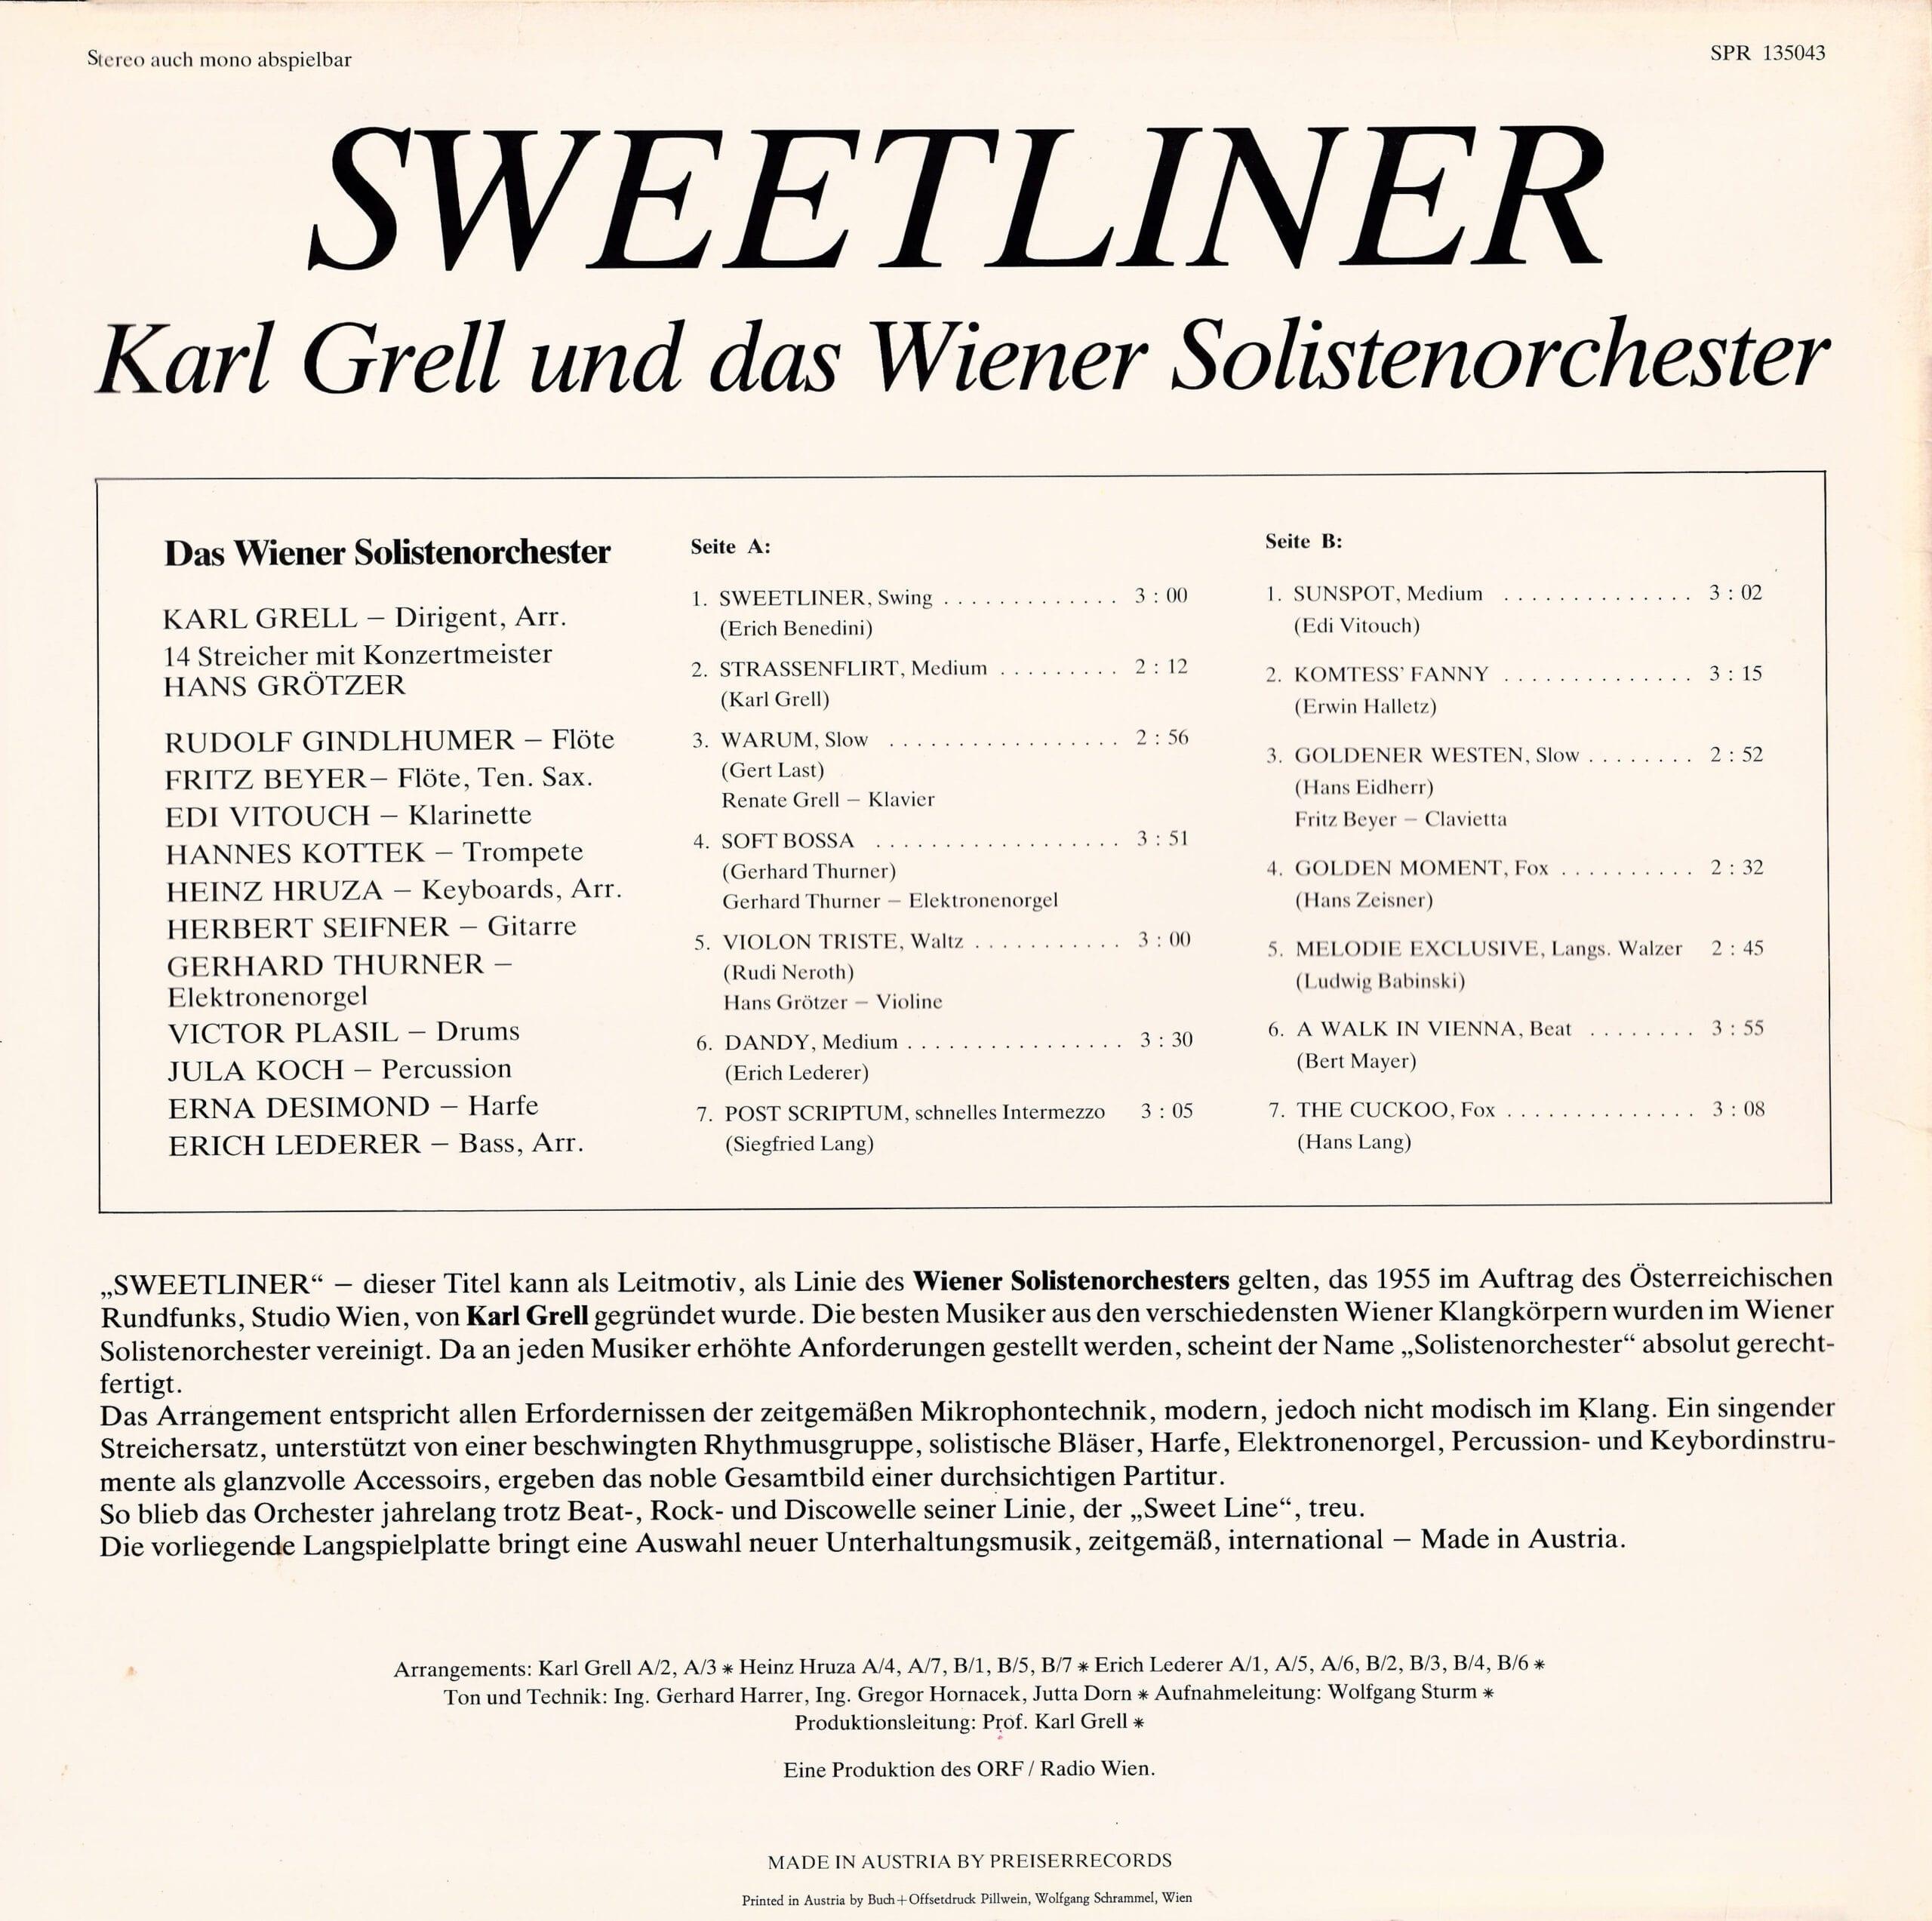 Sweetliner – 2